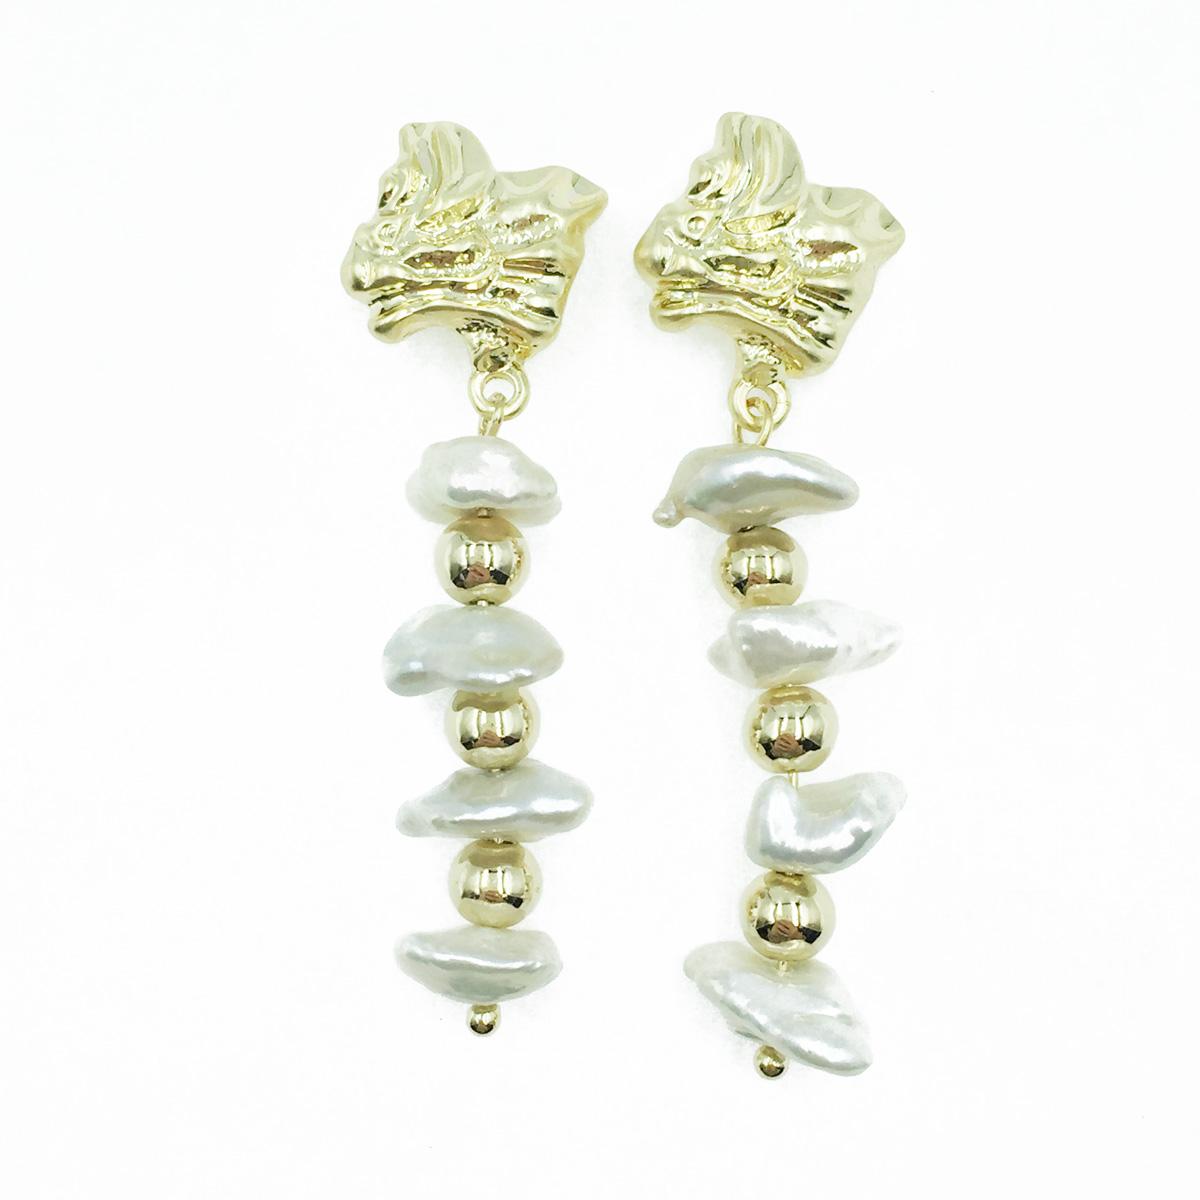 韓國 凹凸金屬面 金珠 寶石 垂墜感 耳針式耳環